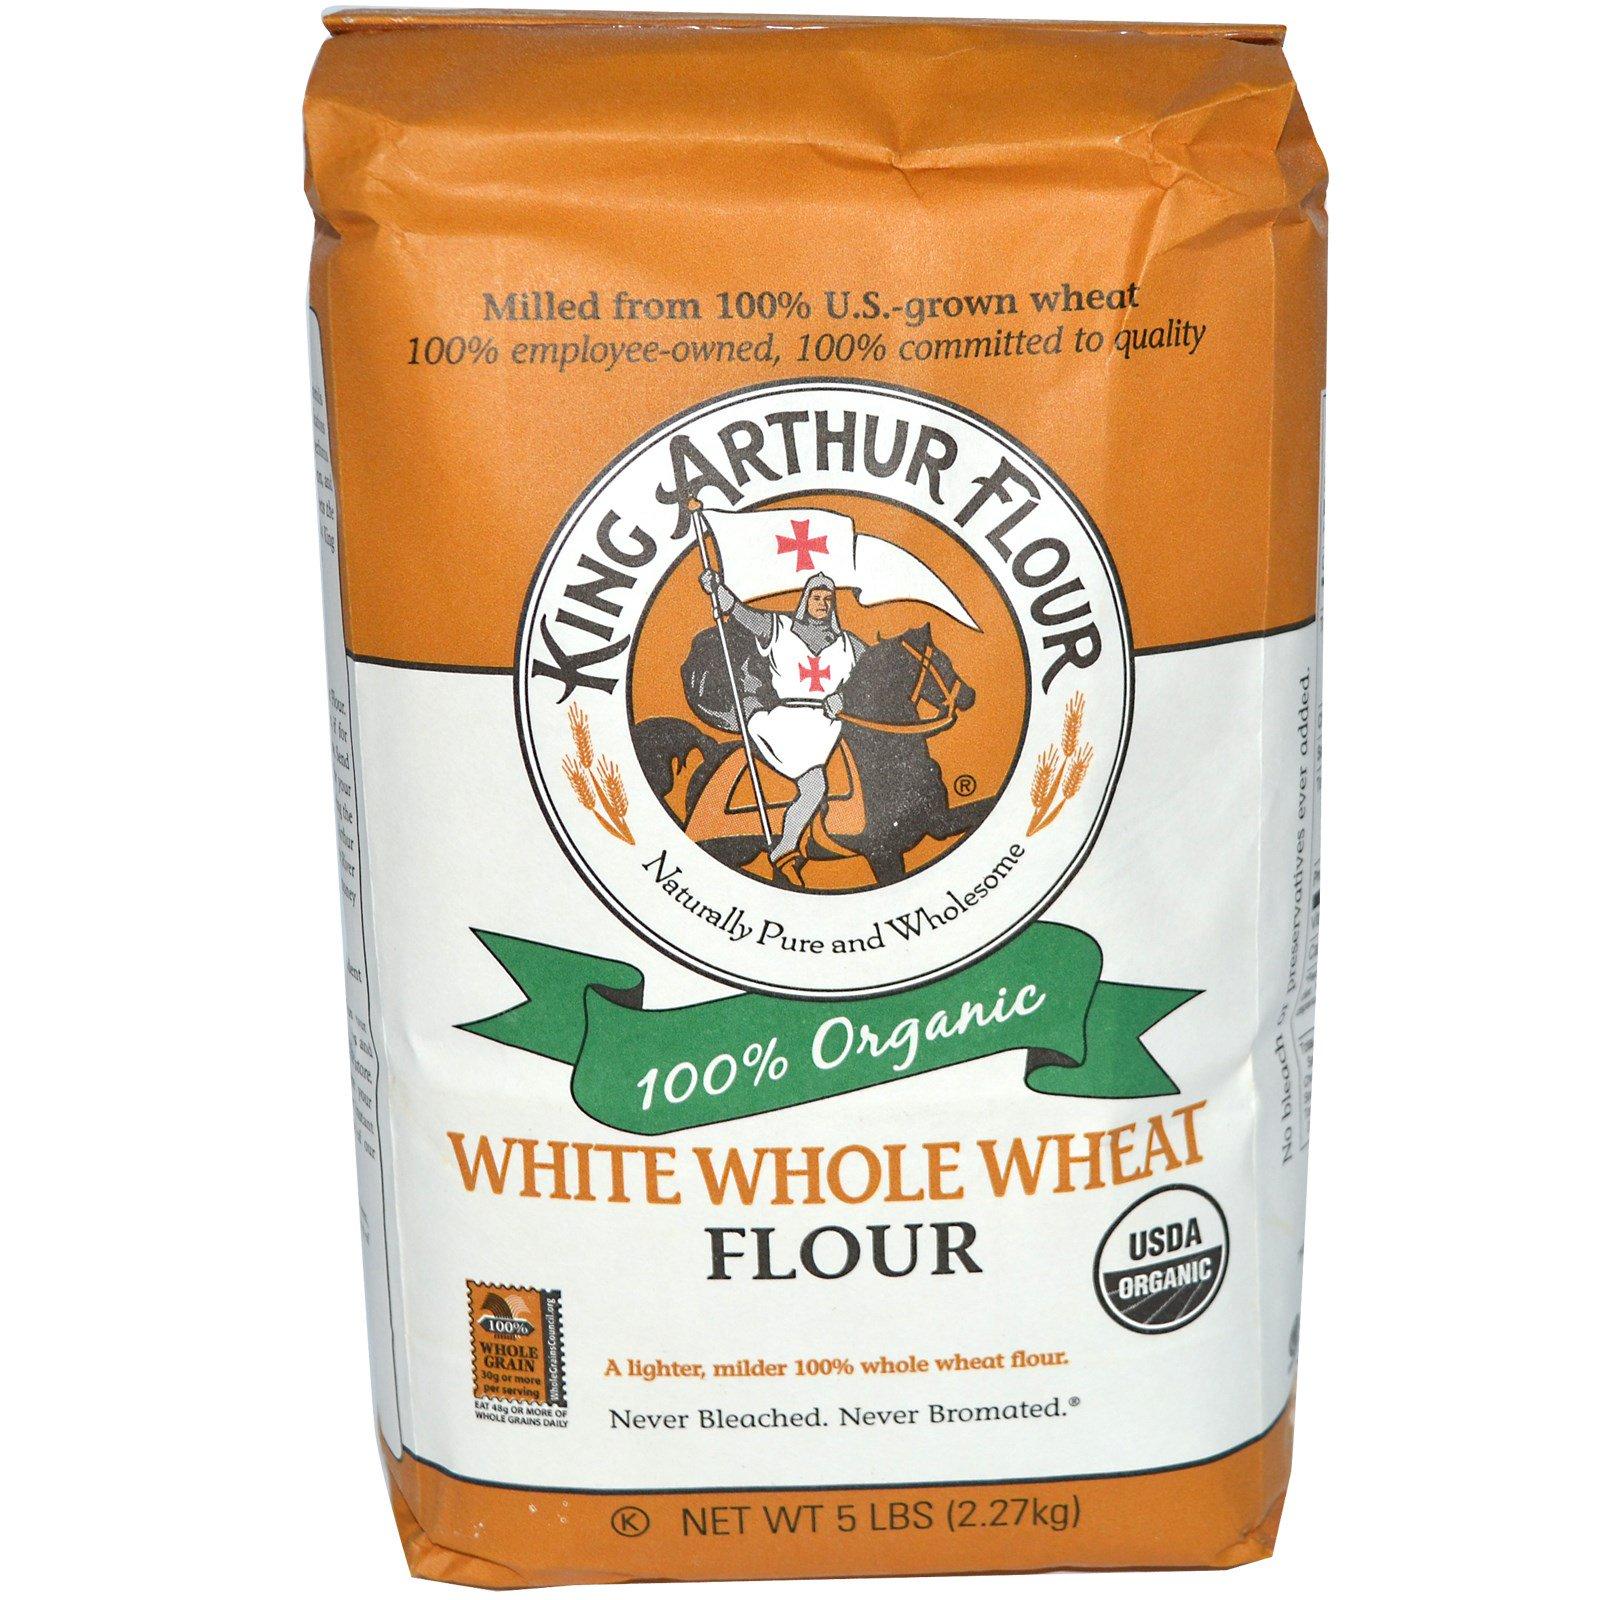 King flour